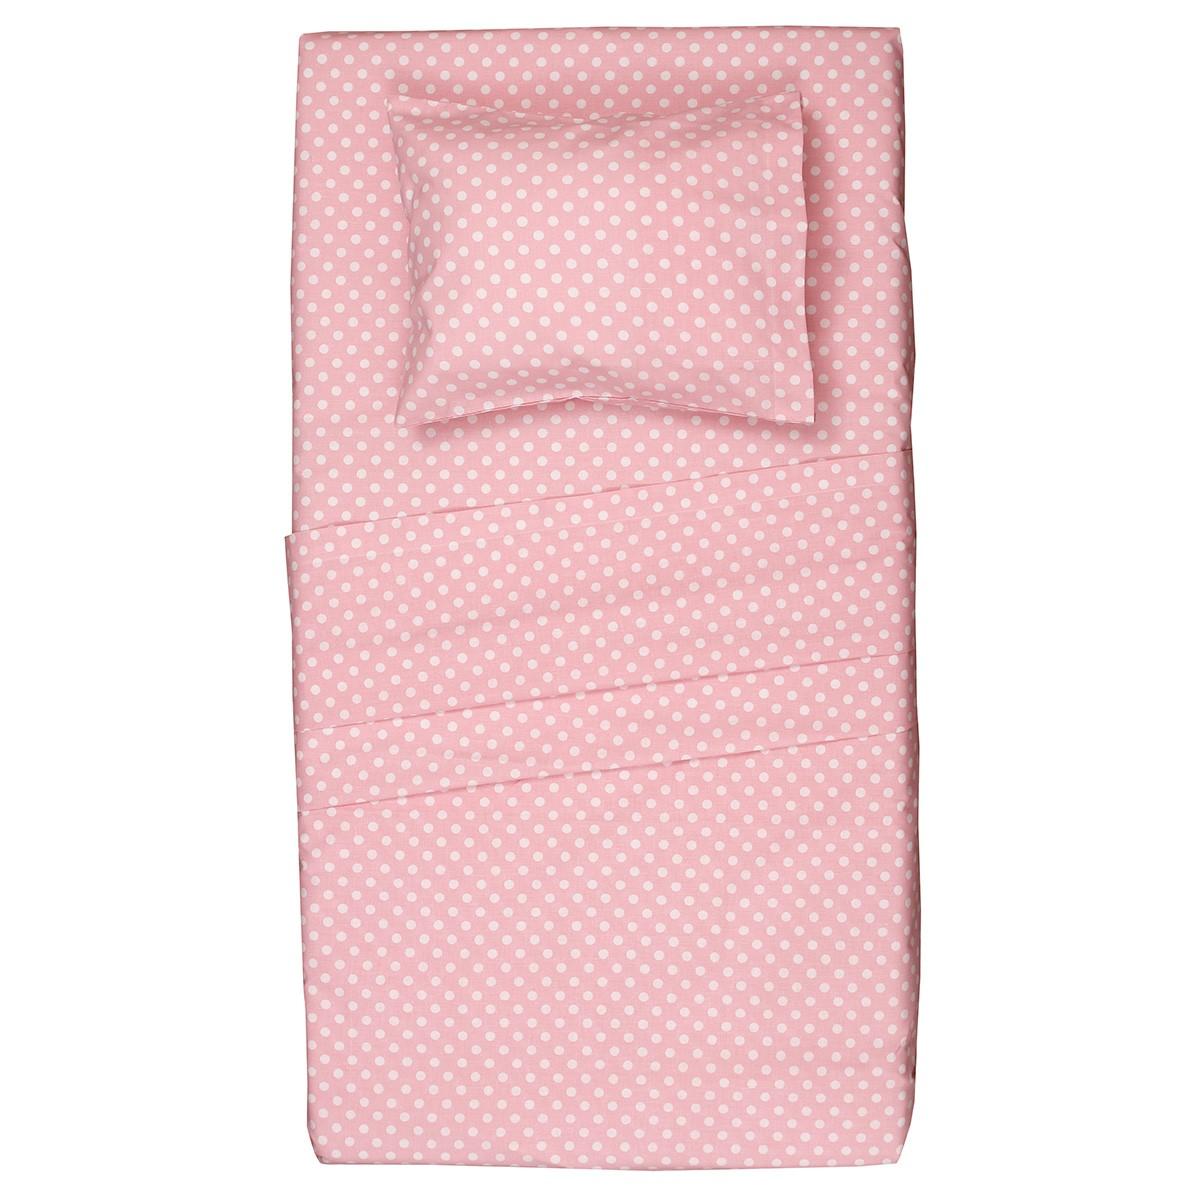 Κουβερλί Μονό (Σετ) Viopros Kid Baby Κονφετί Ροζ